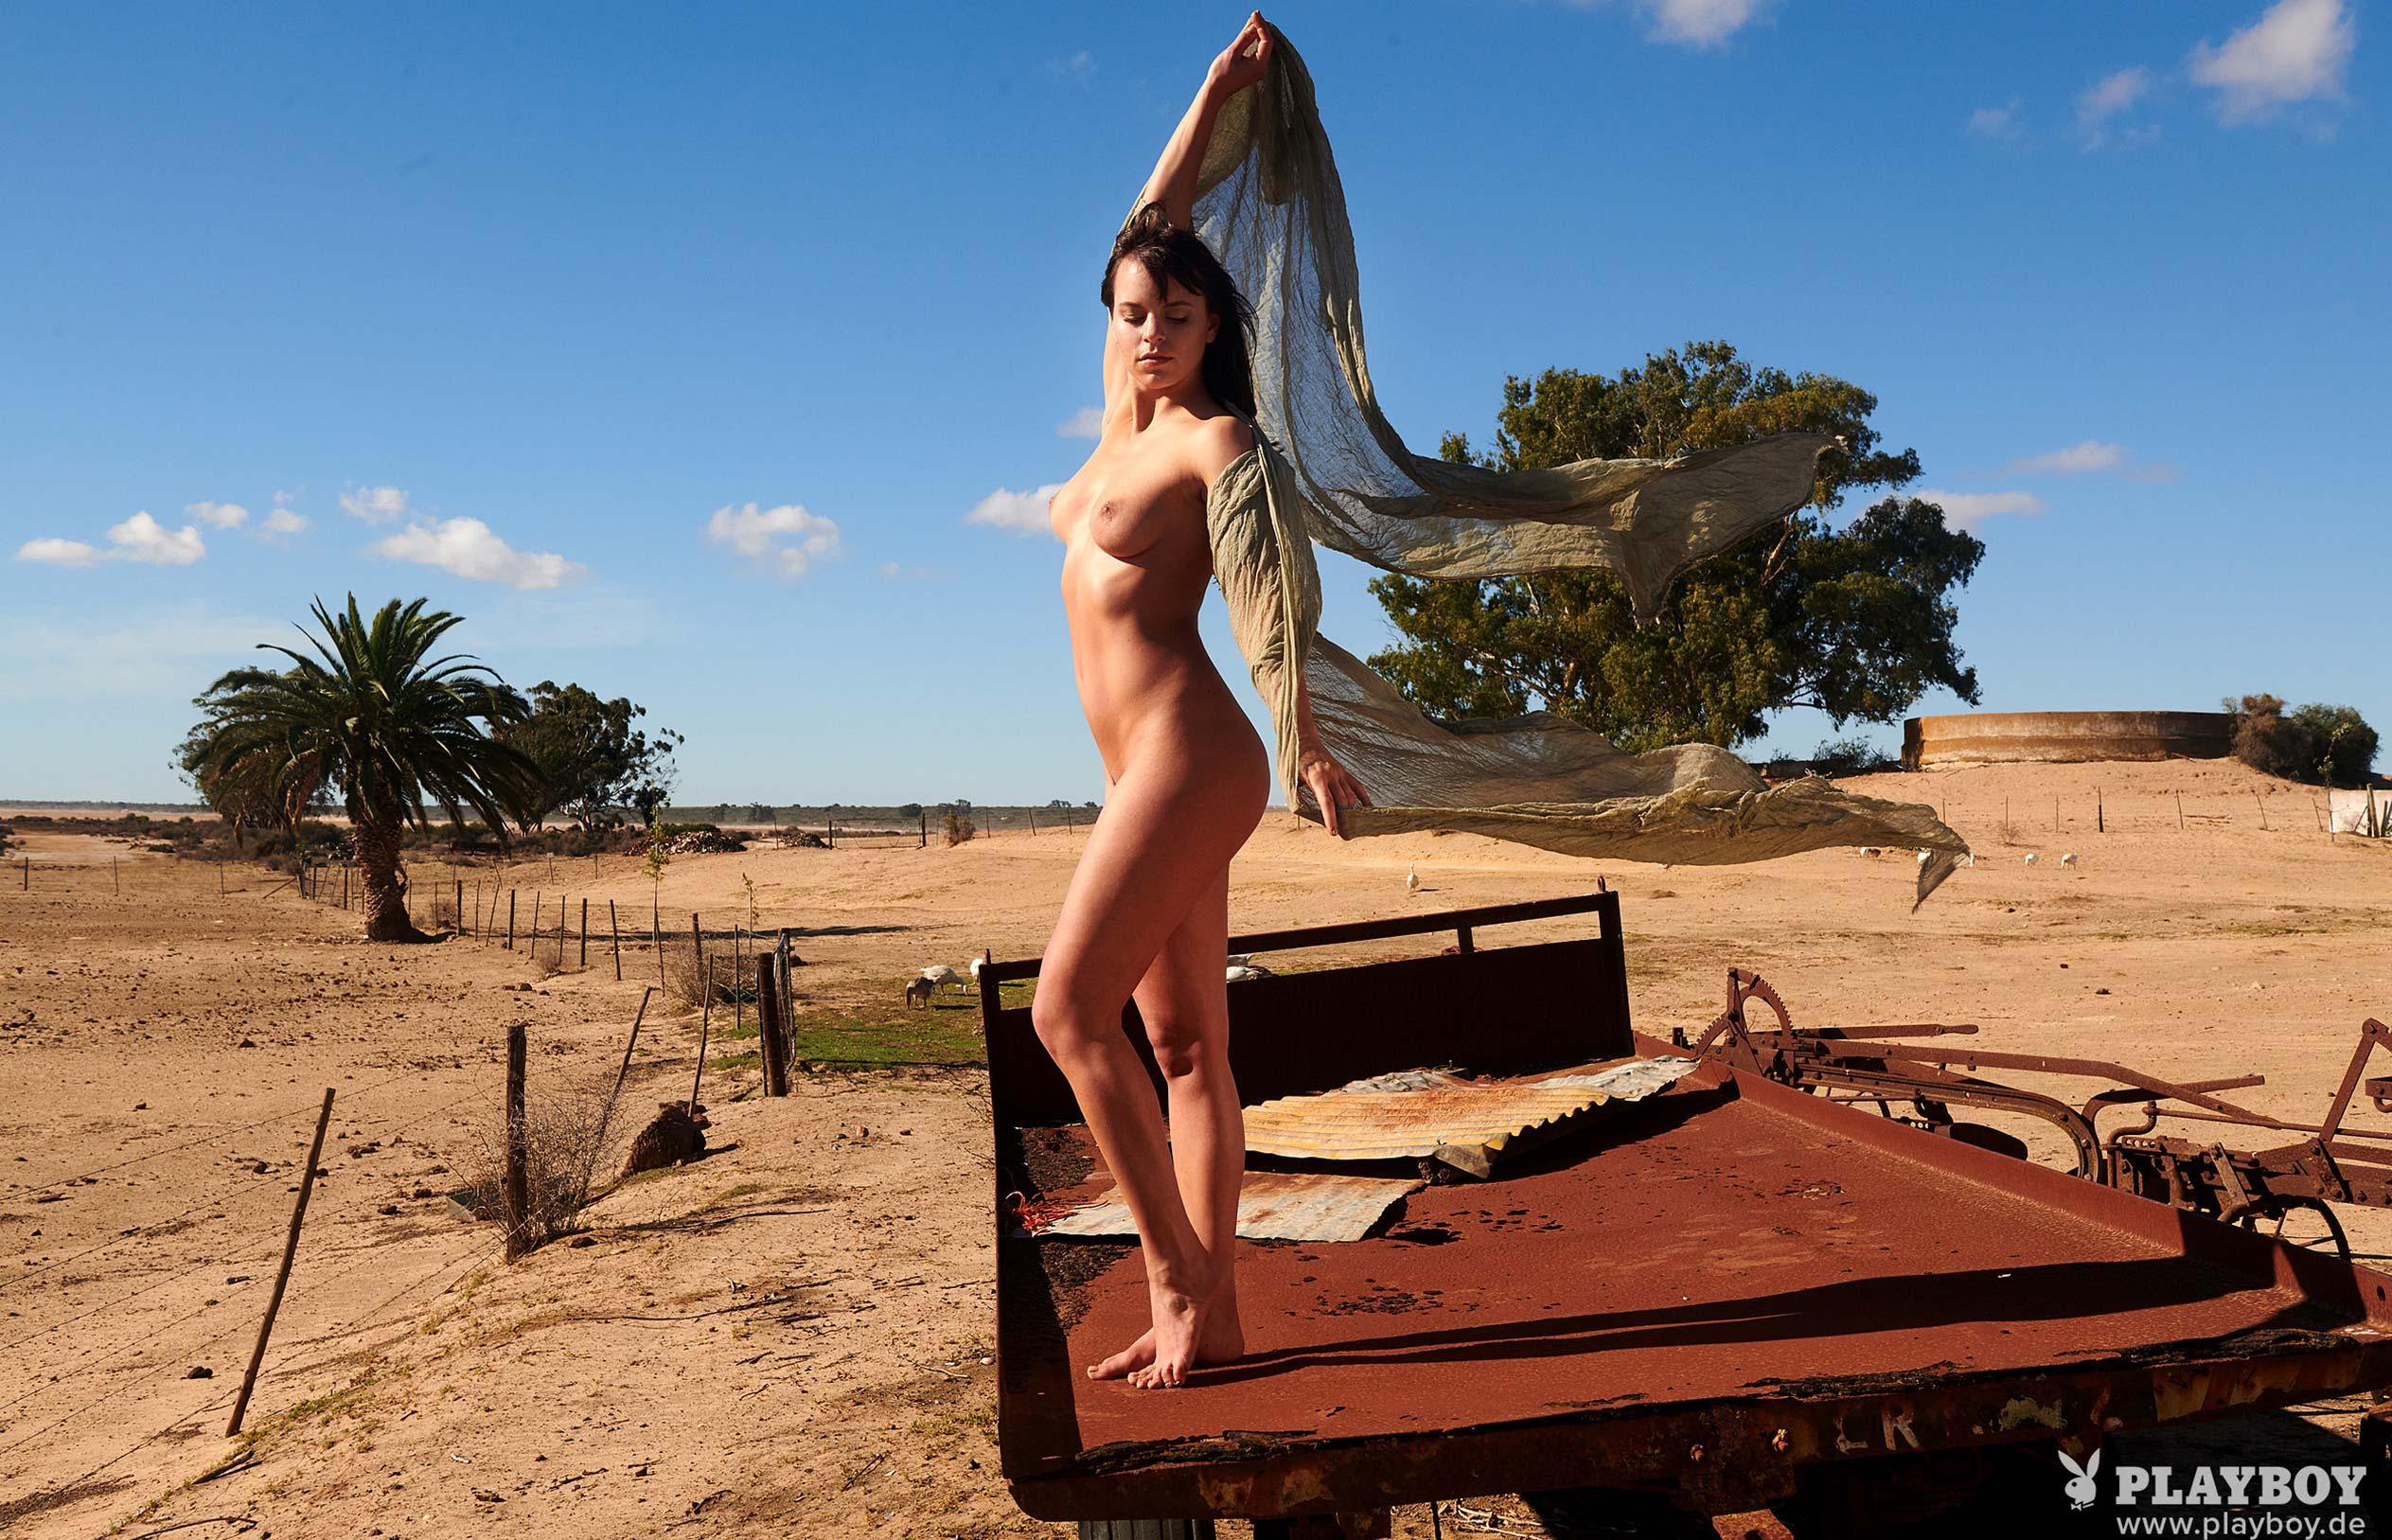 актриса Франциска Бенц голая на ферме в Южной Африке / фото 04